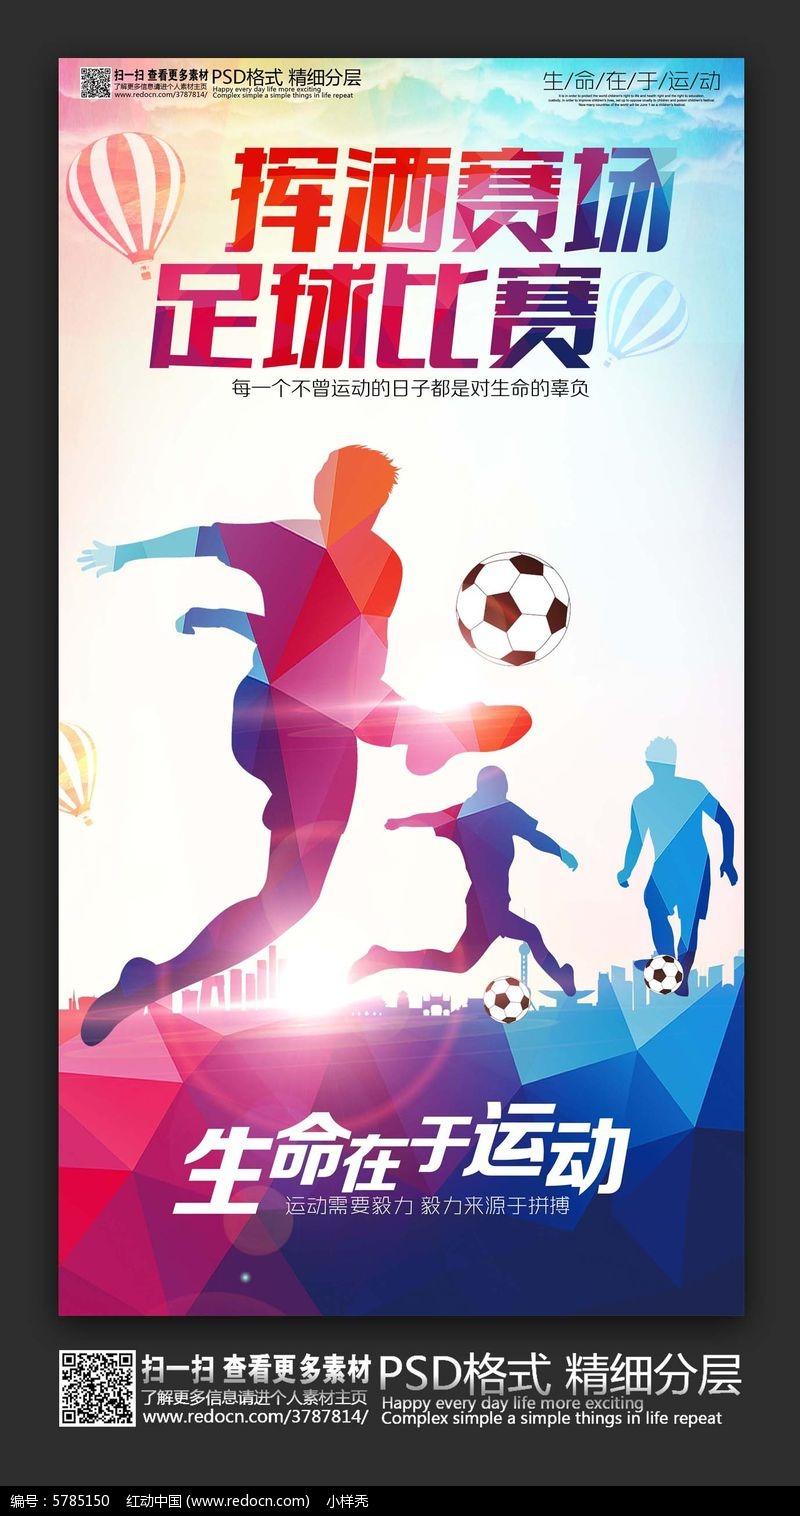 时尚大气足球比赛运动会海报素材图片